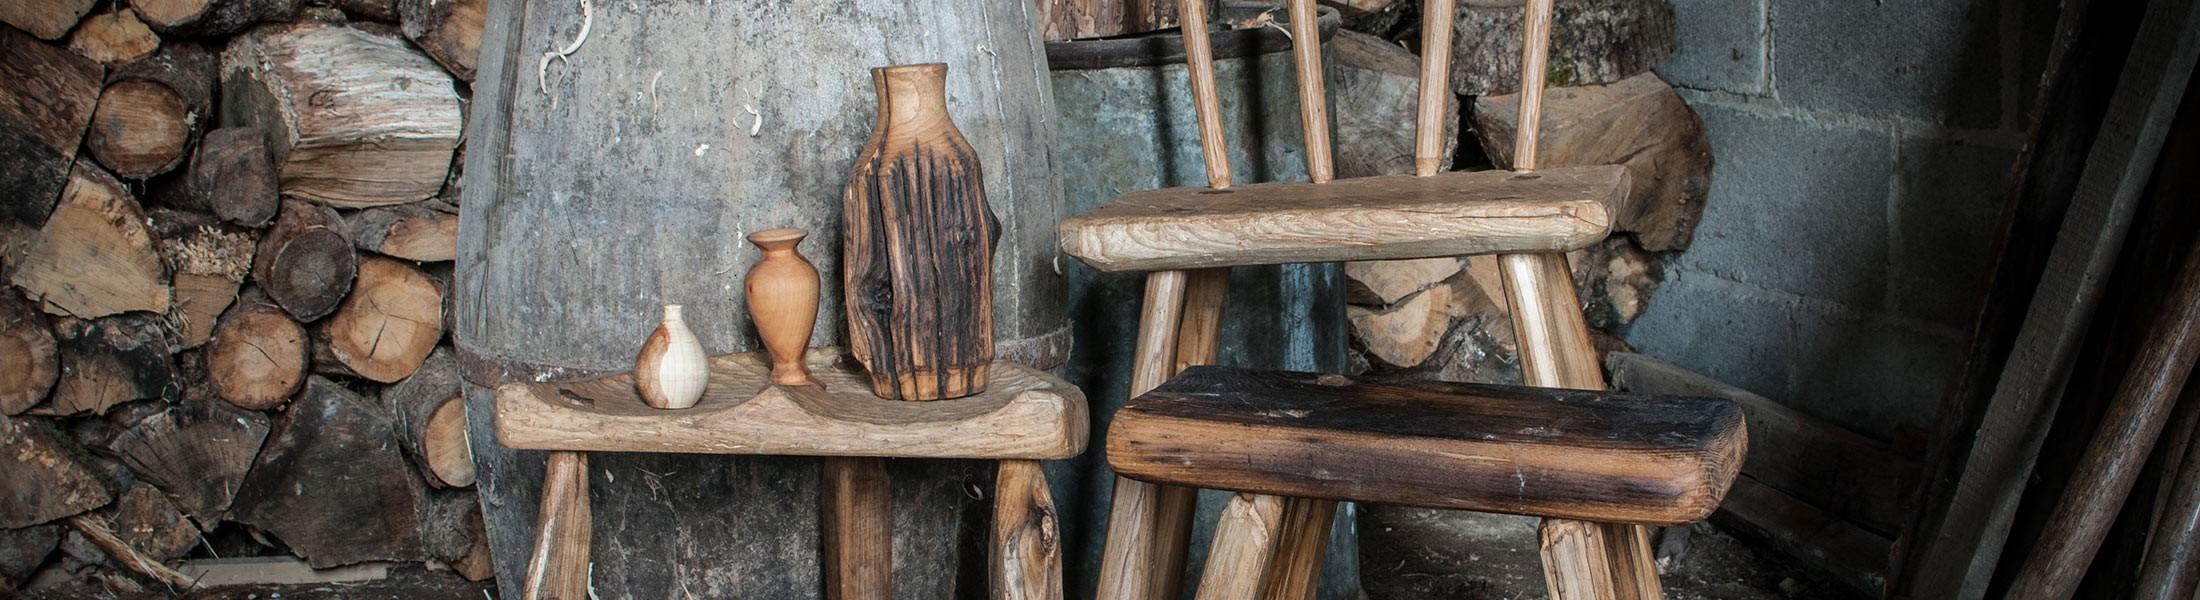 Tête de Bois   Divers objets bois artisanaux